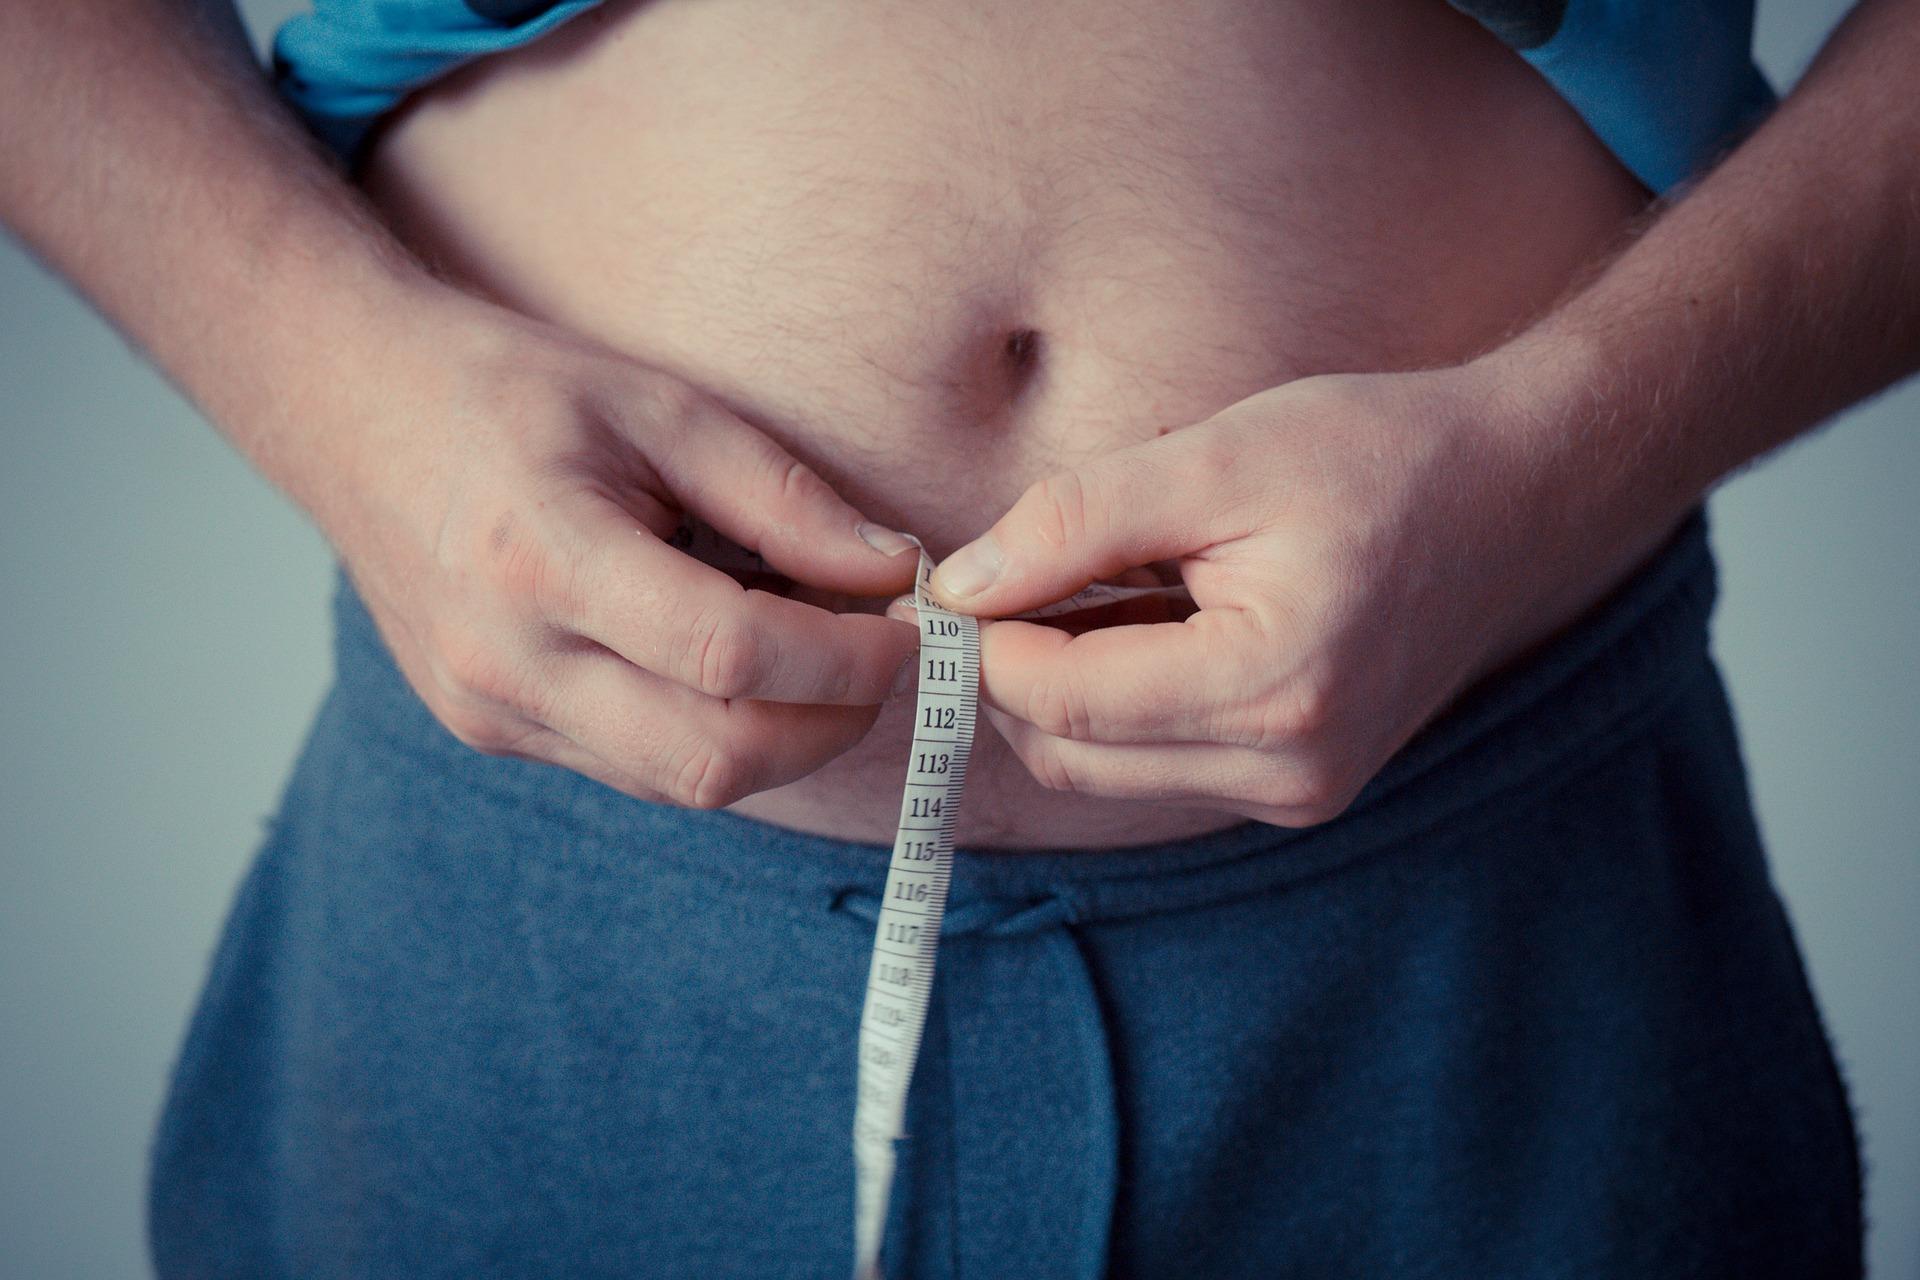 L'appréhension du poids pour les personnes au régime (c) Michal Jarmoluk, Pixabay